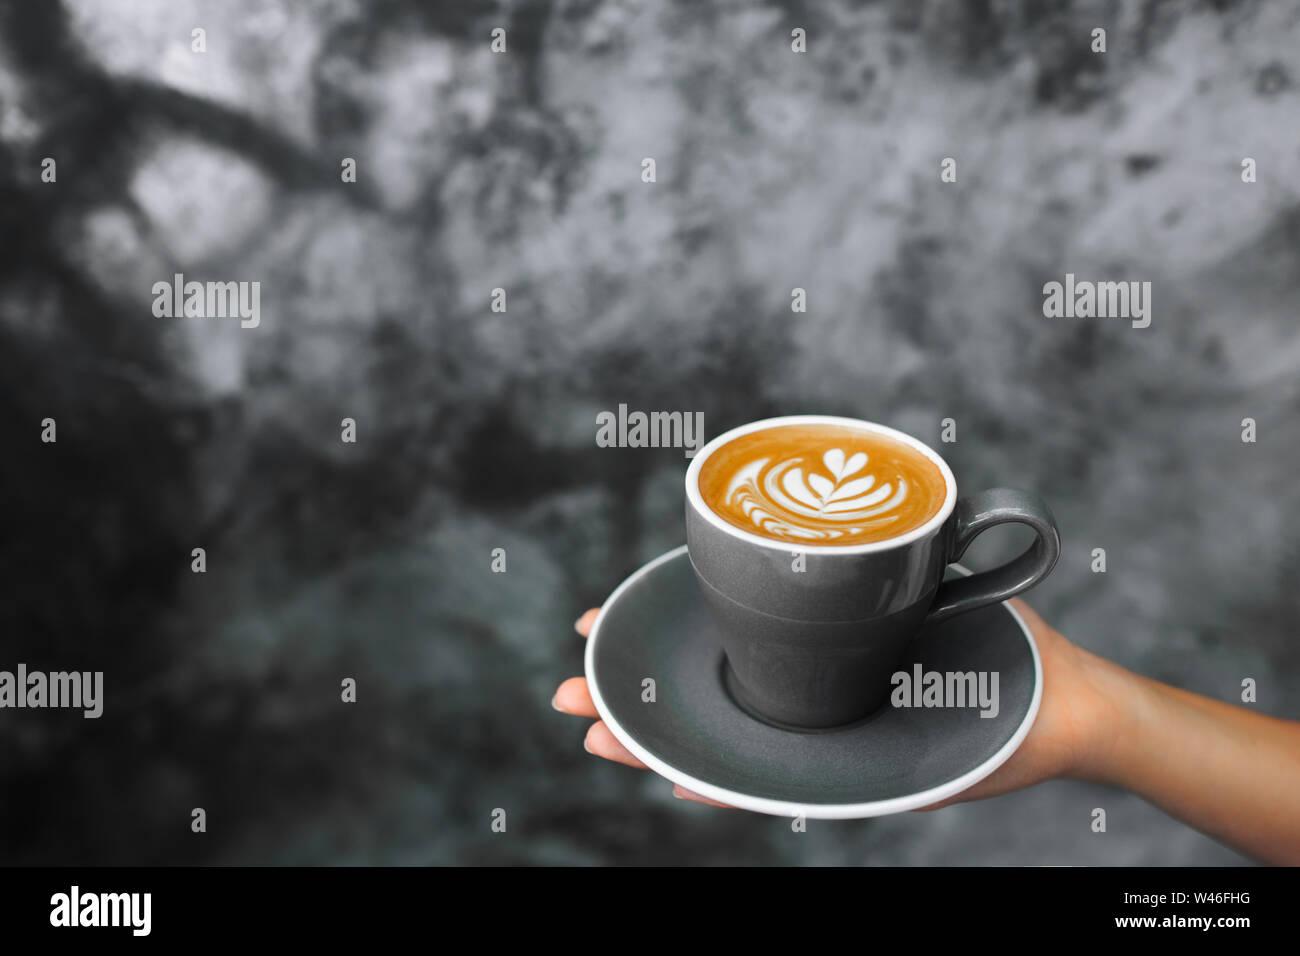 Femme tenant en main tasse de Cappuccino gris sur fond de ciment Mur de béton gris texturé. Hipster tendance design cafe. Banque D'Images